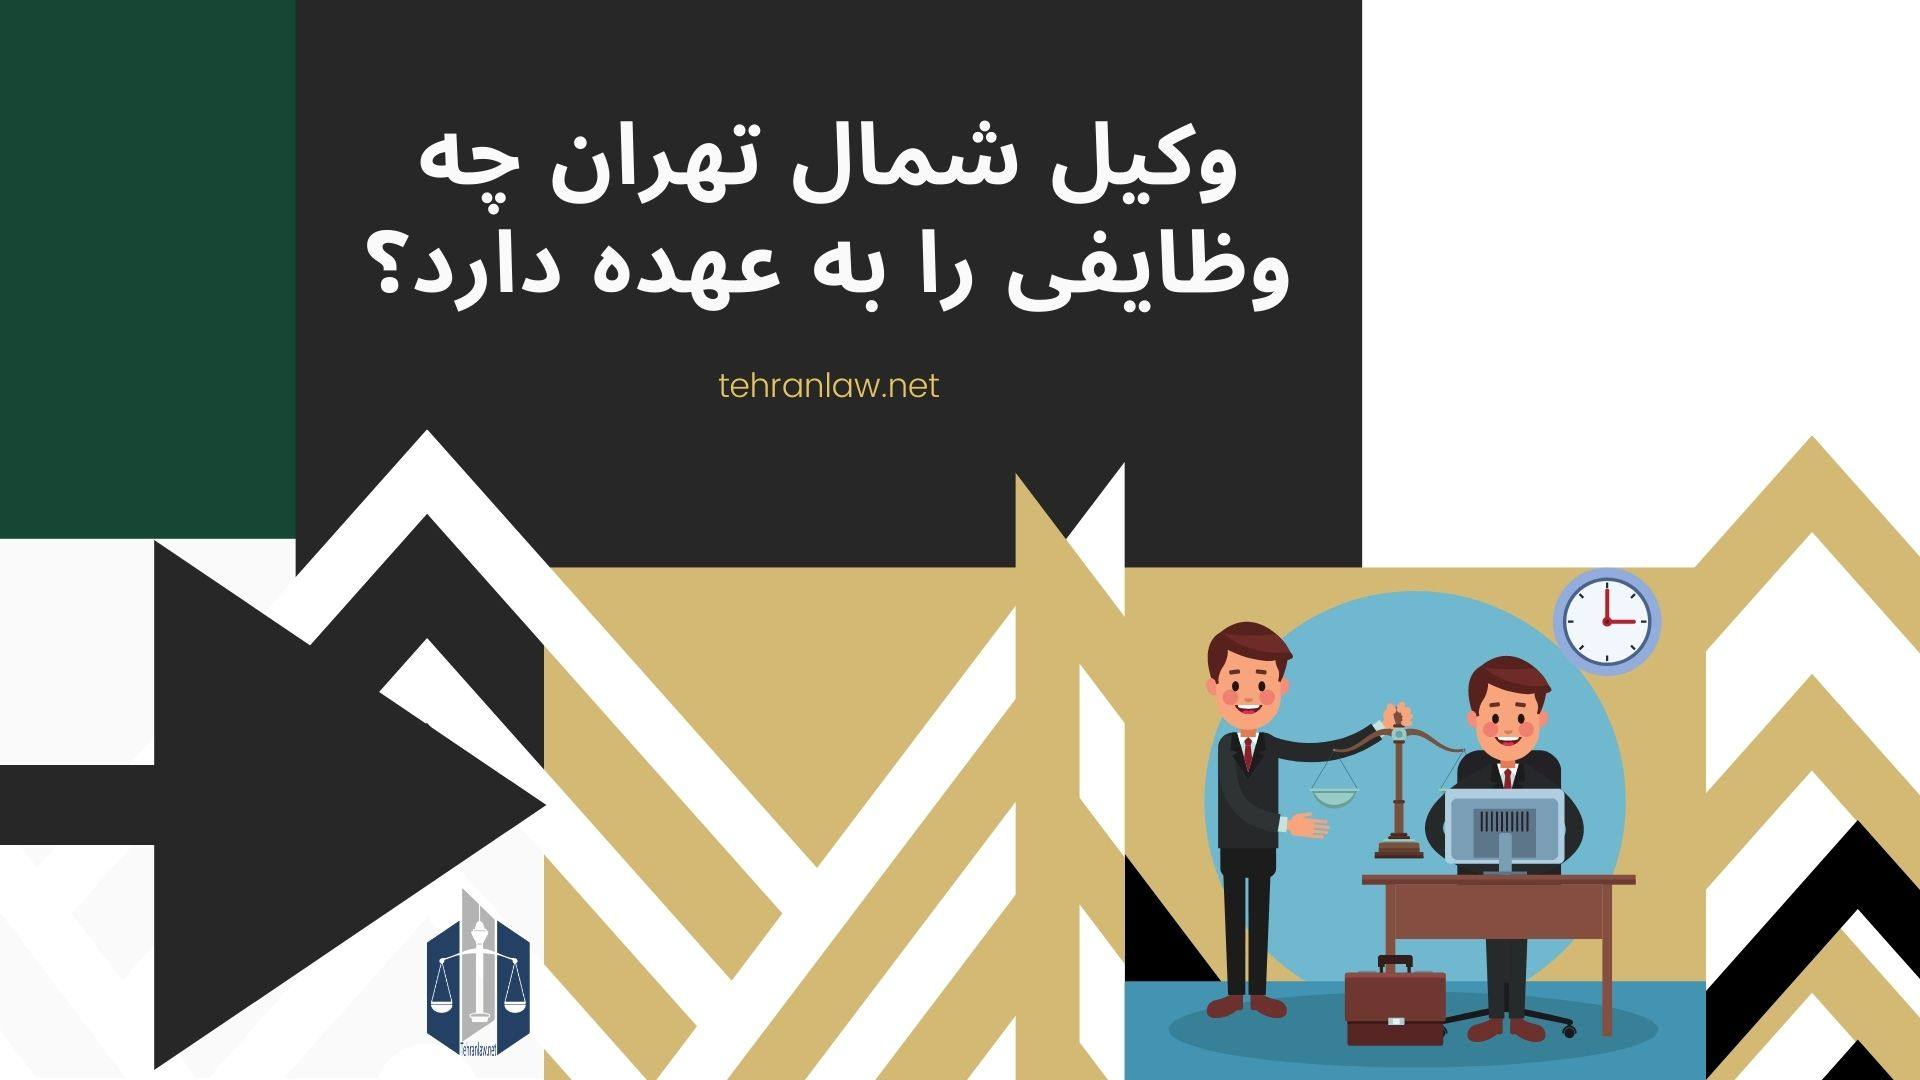 وکیل شمال تهران چه وظایفی را به عهده دارد؟